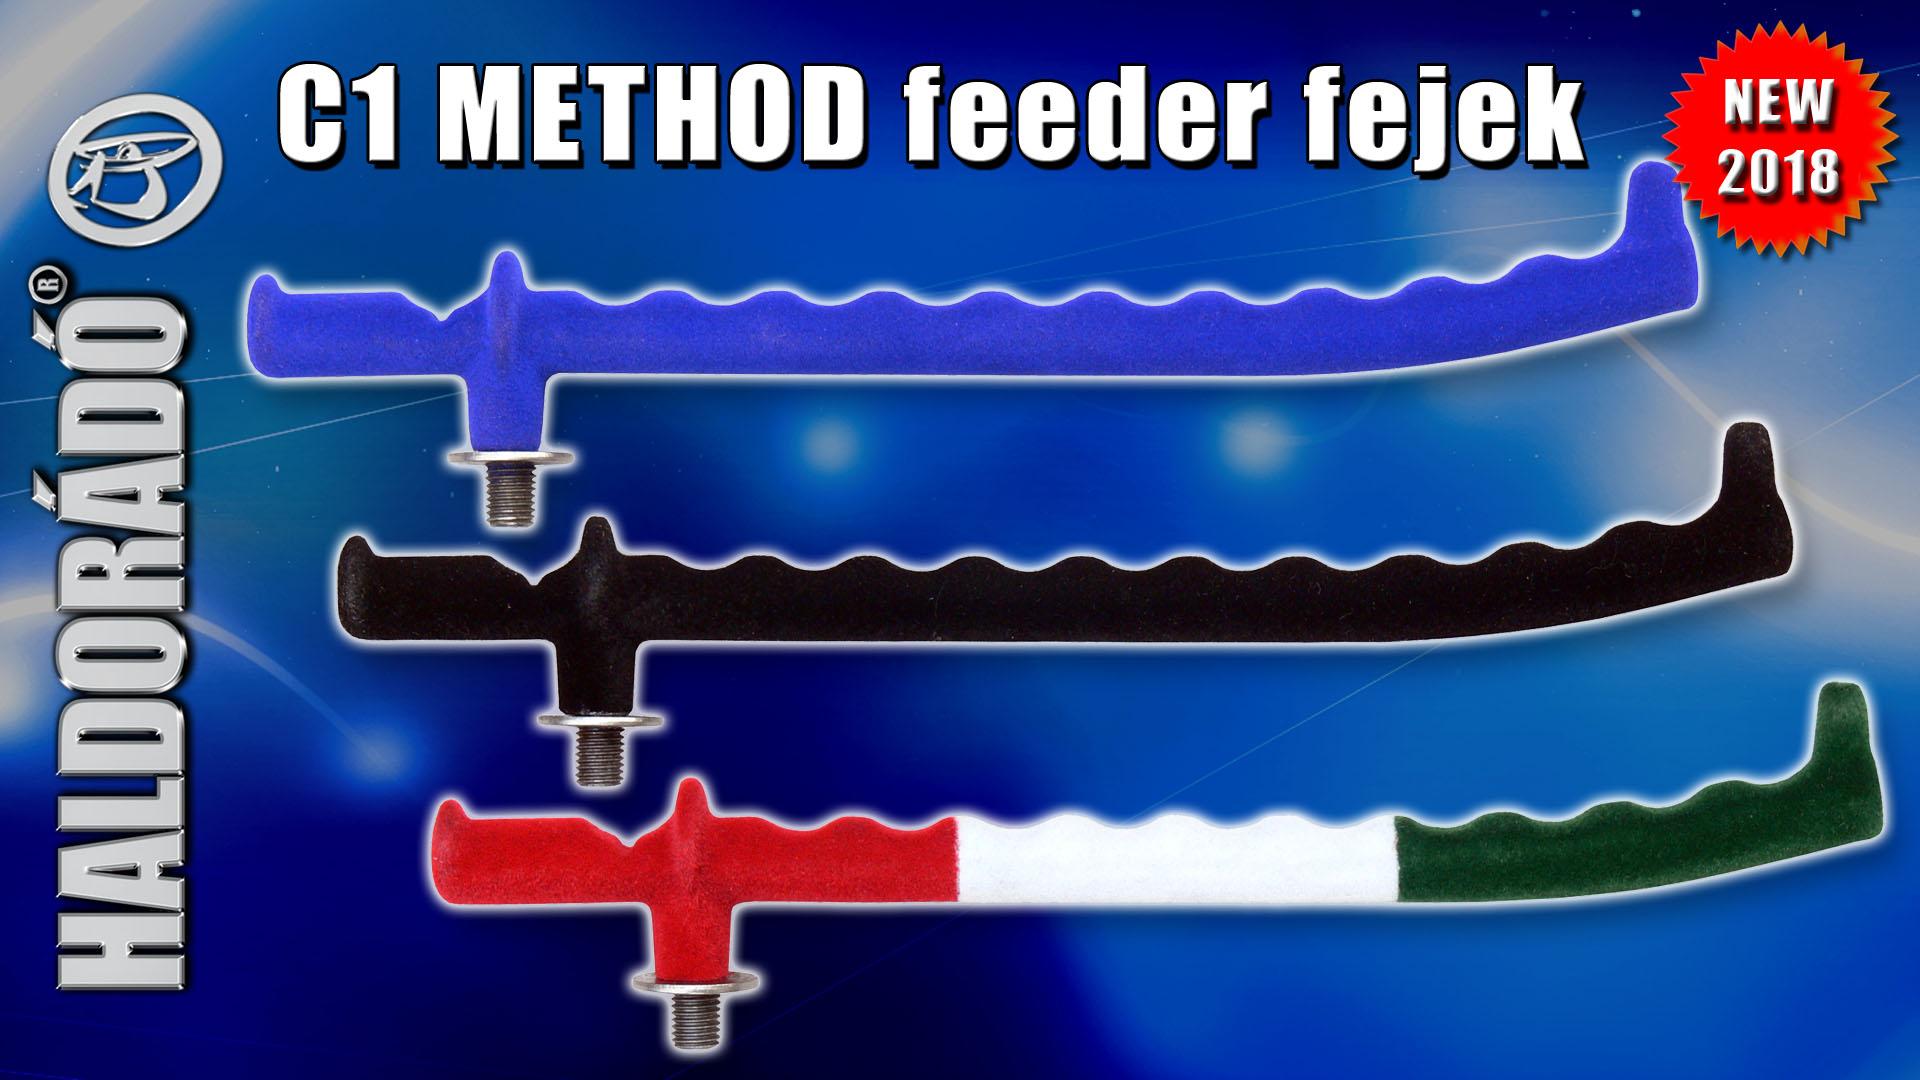 Különleges formájú, tökéletes method bottartó fejek alkotják a C1 METHOD szériát, mely három színben kapható